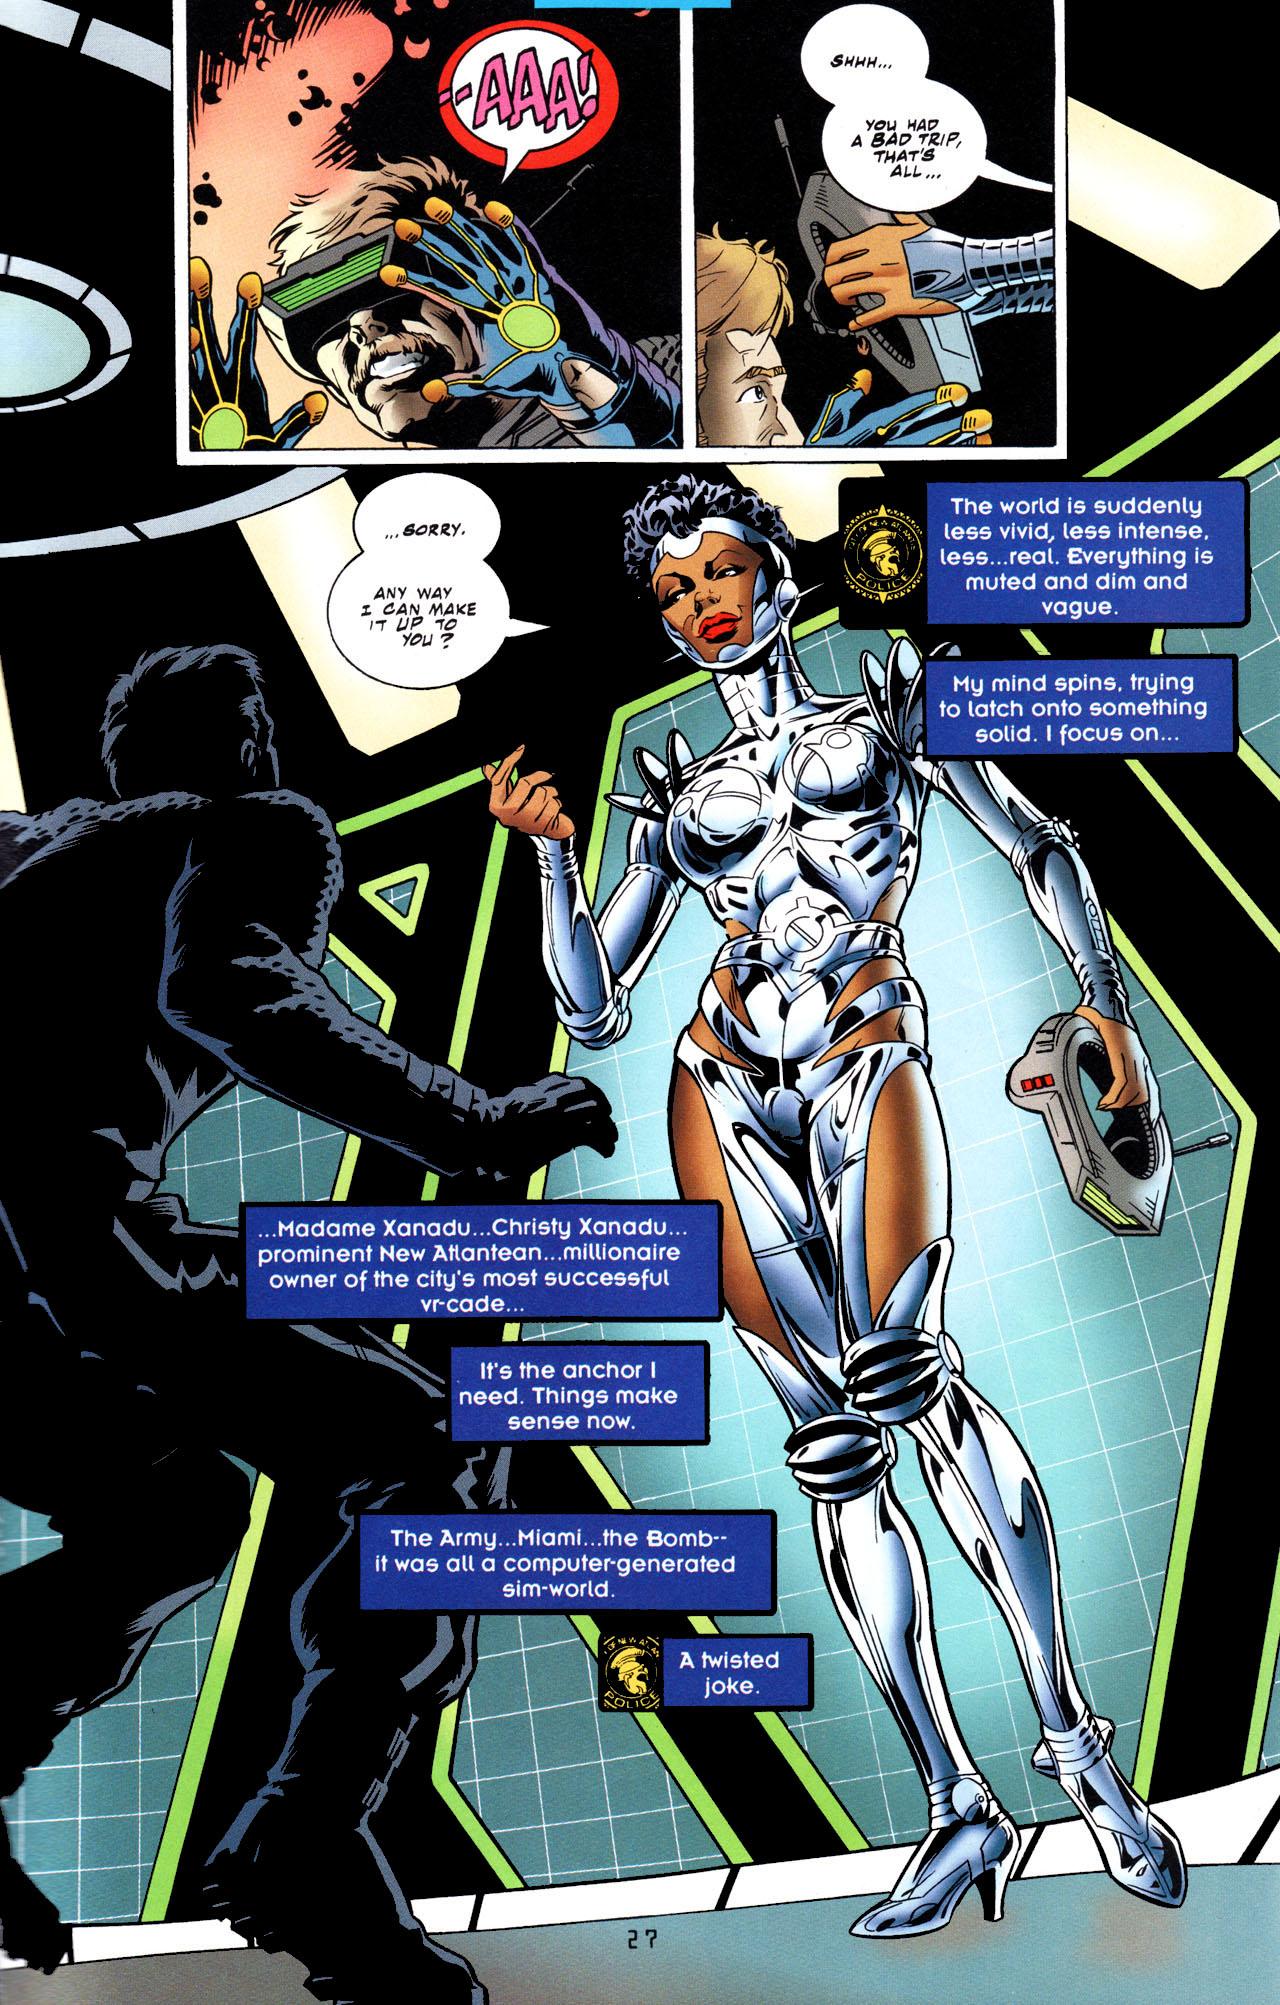 Read online Tangent Comics/ The Joker comic -  Issue # Full - 28